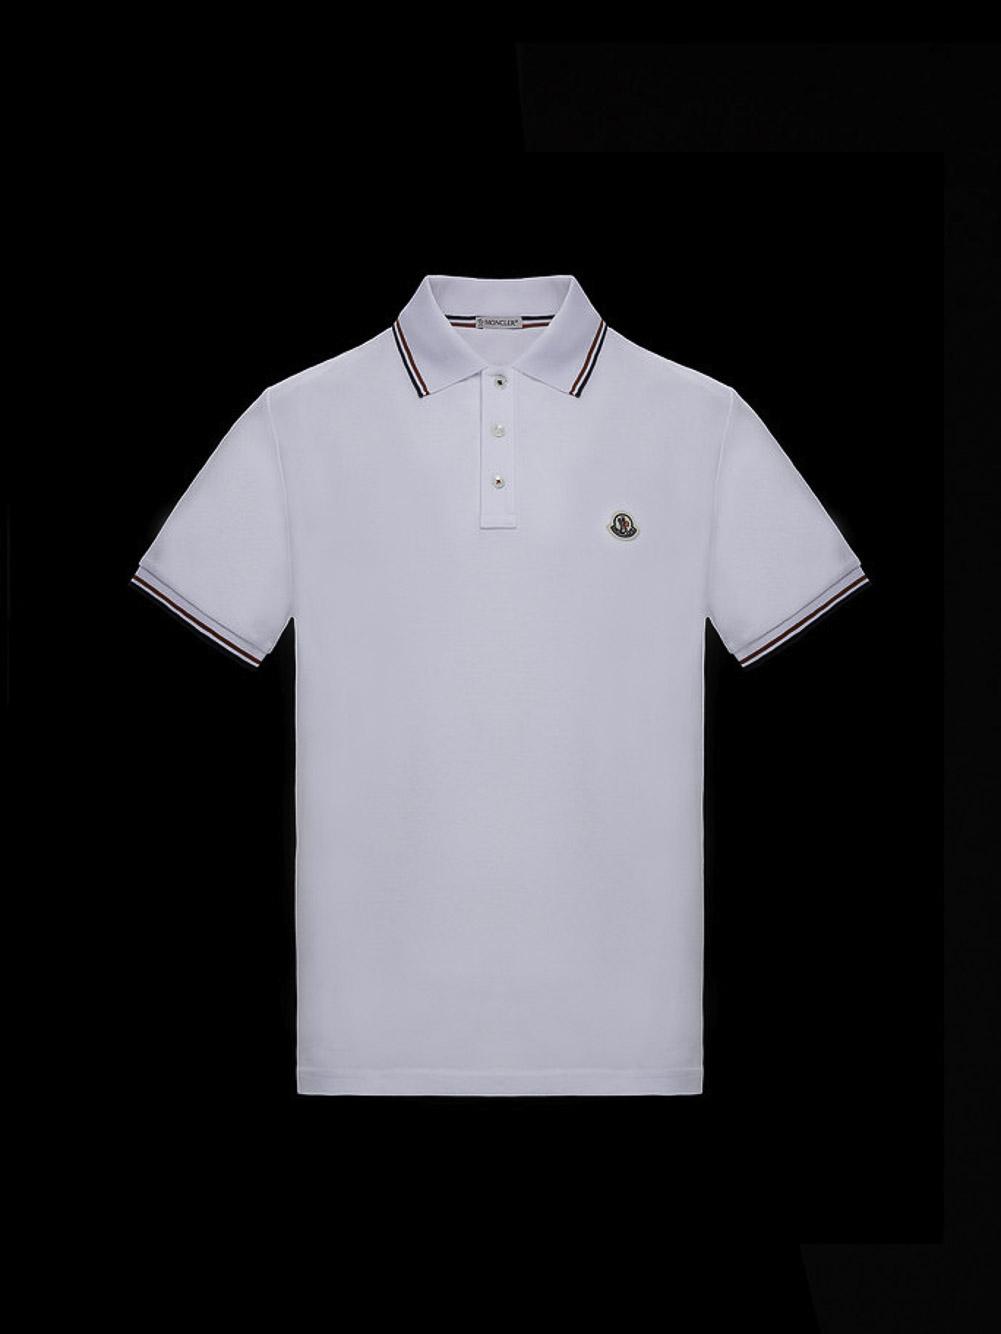 MONCLER Μπλούζα Polo 0918A7030084556-001 ΛΕΥΚΟ